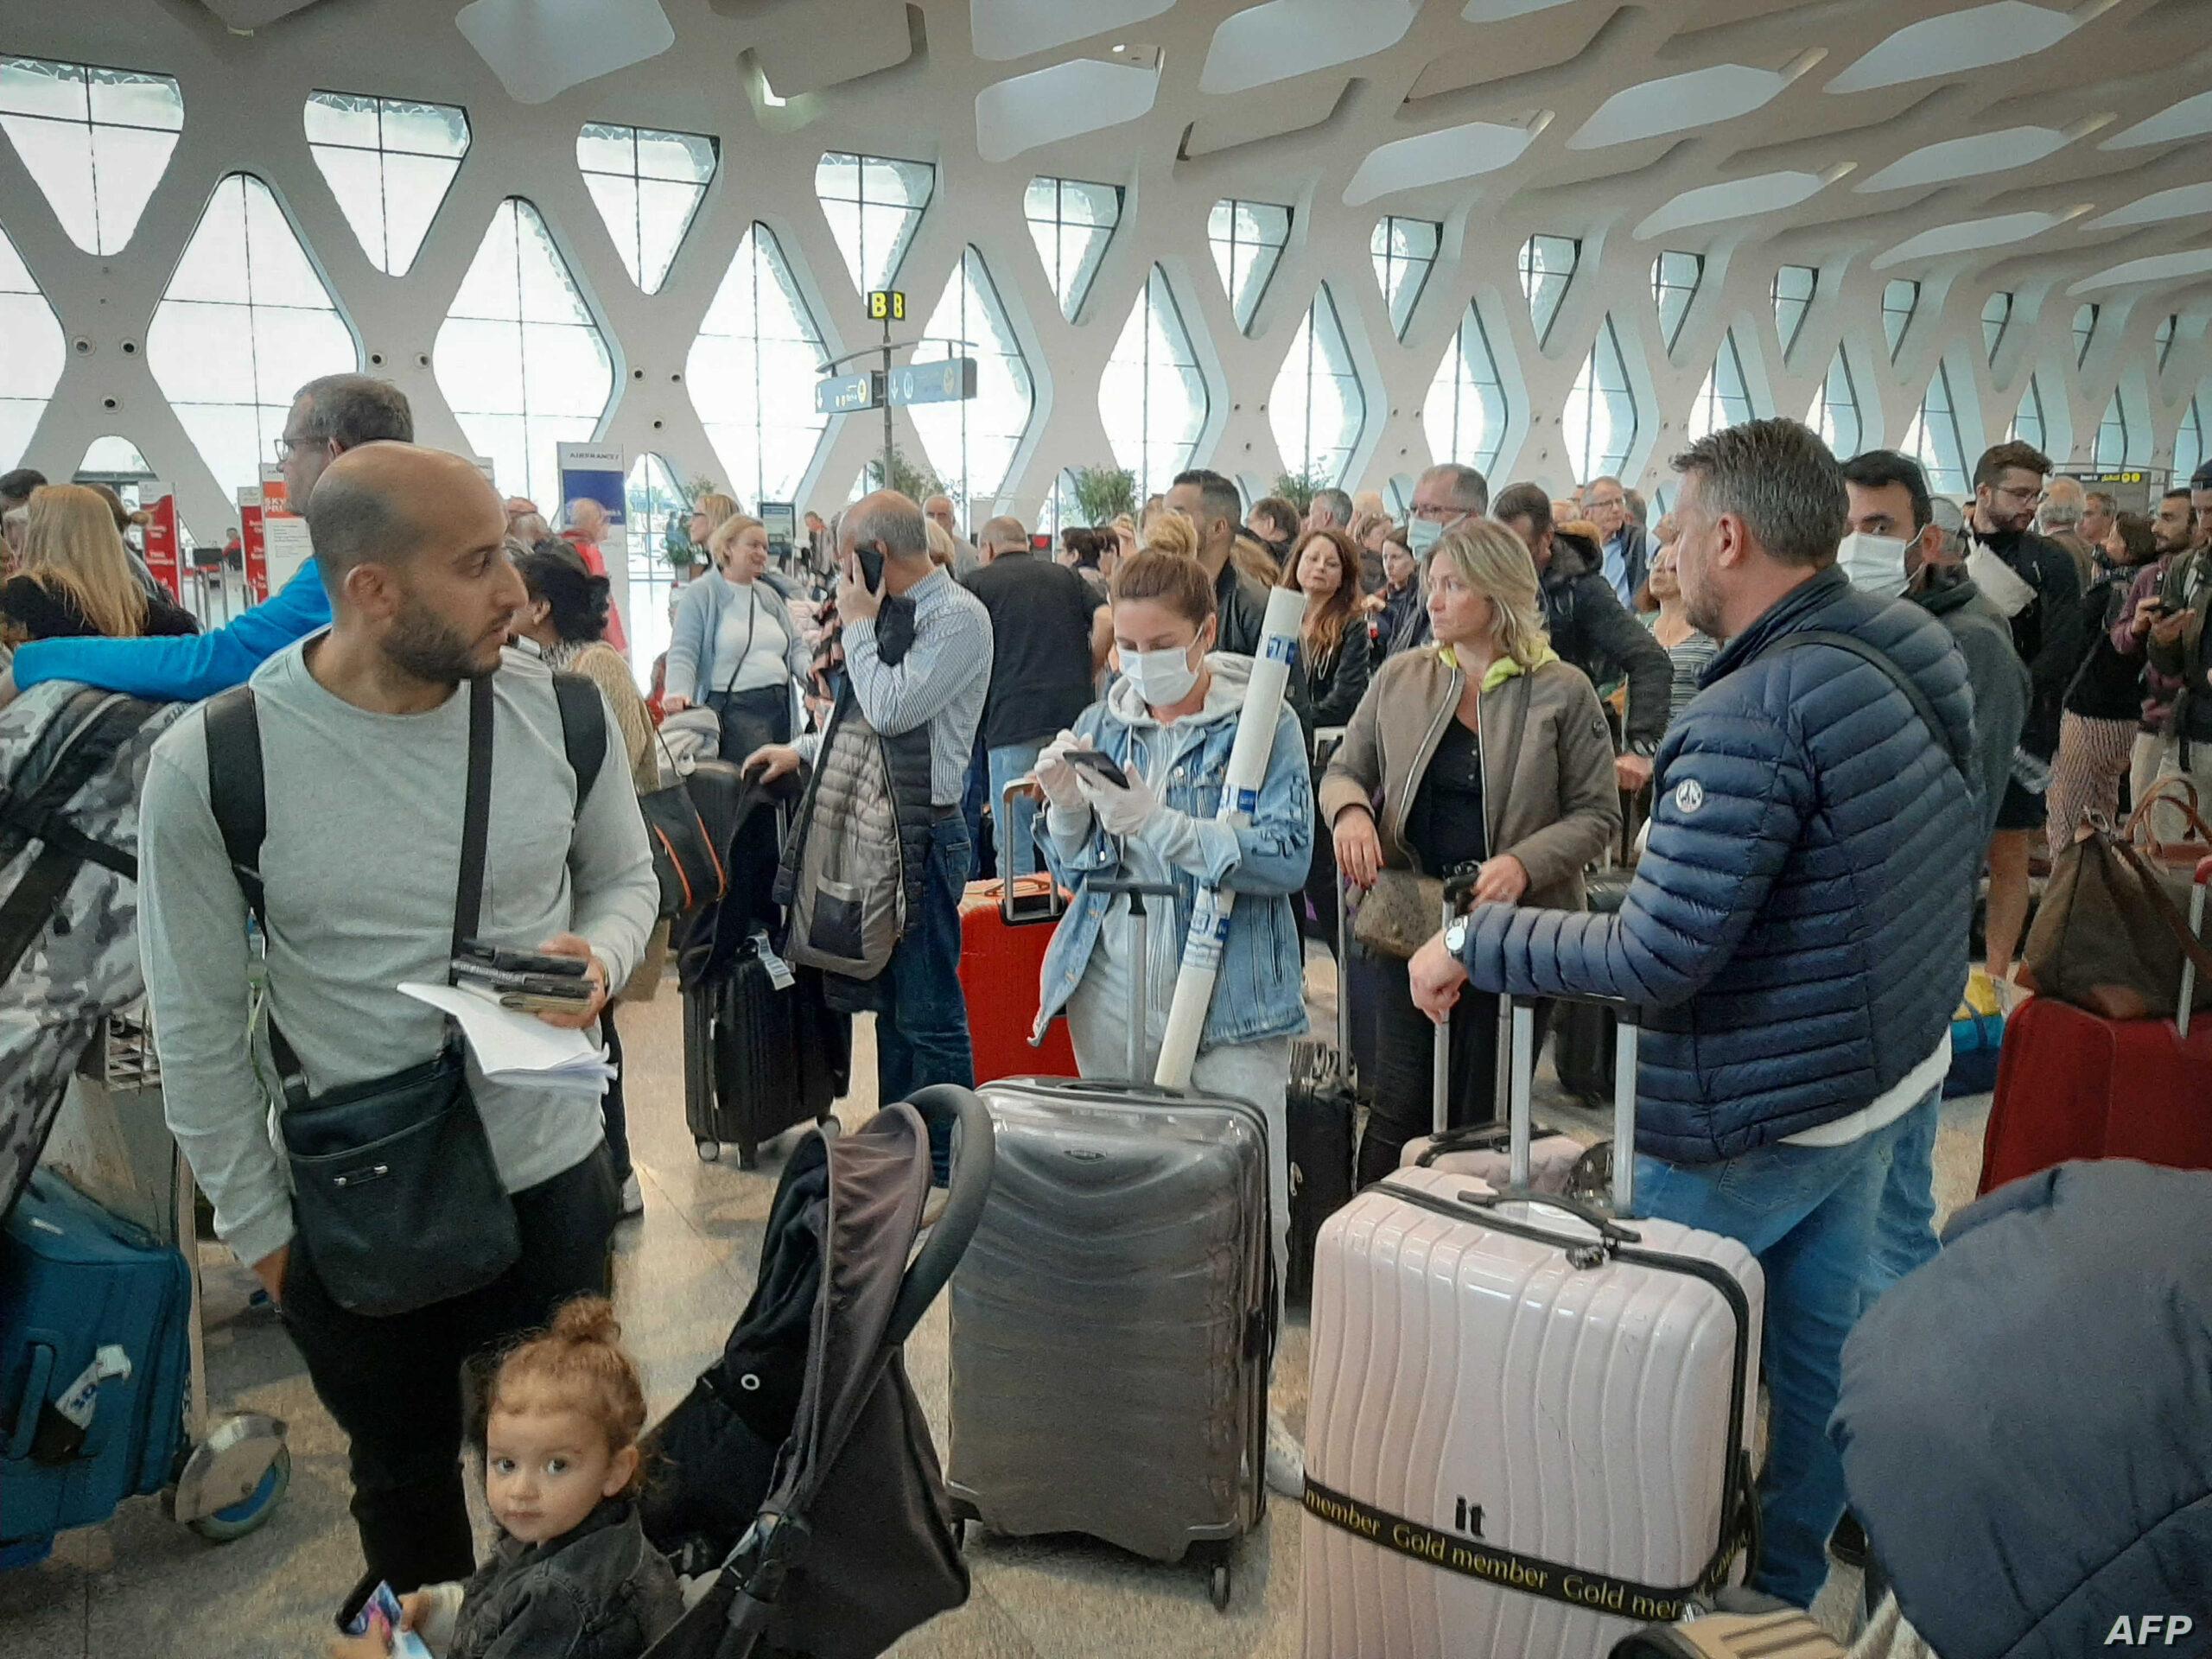 صورة المسافرون القادمون من المغرب إلى فرنسا ملزمون بتلقي اللقاح